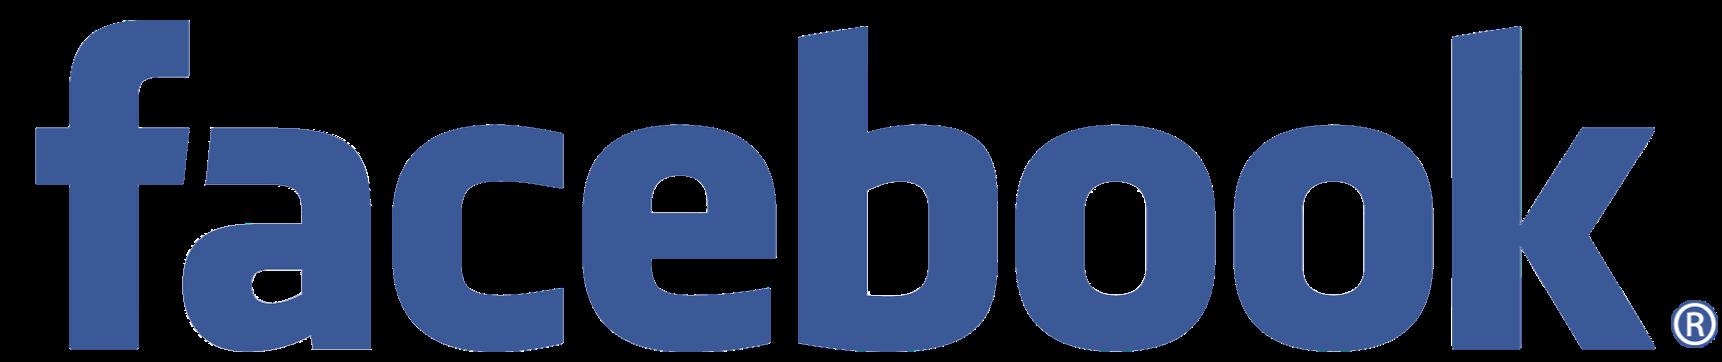 چشم انداز شرکت فیسبوک